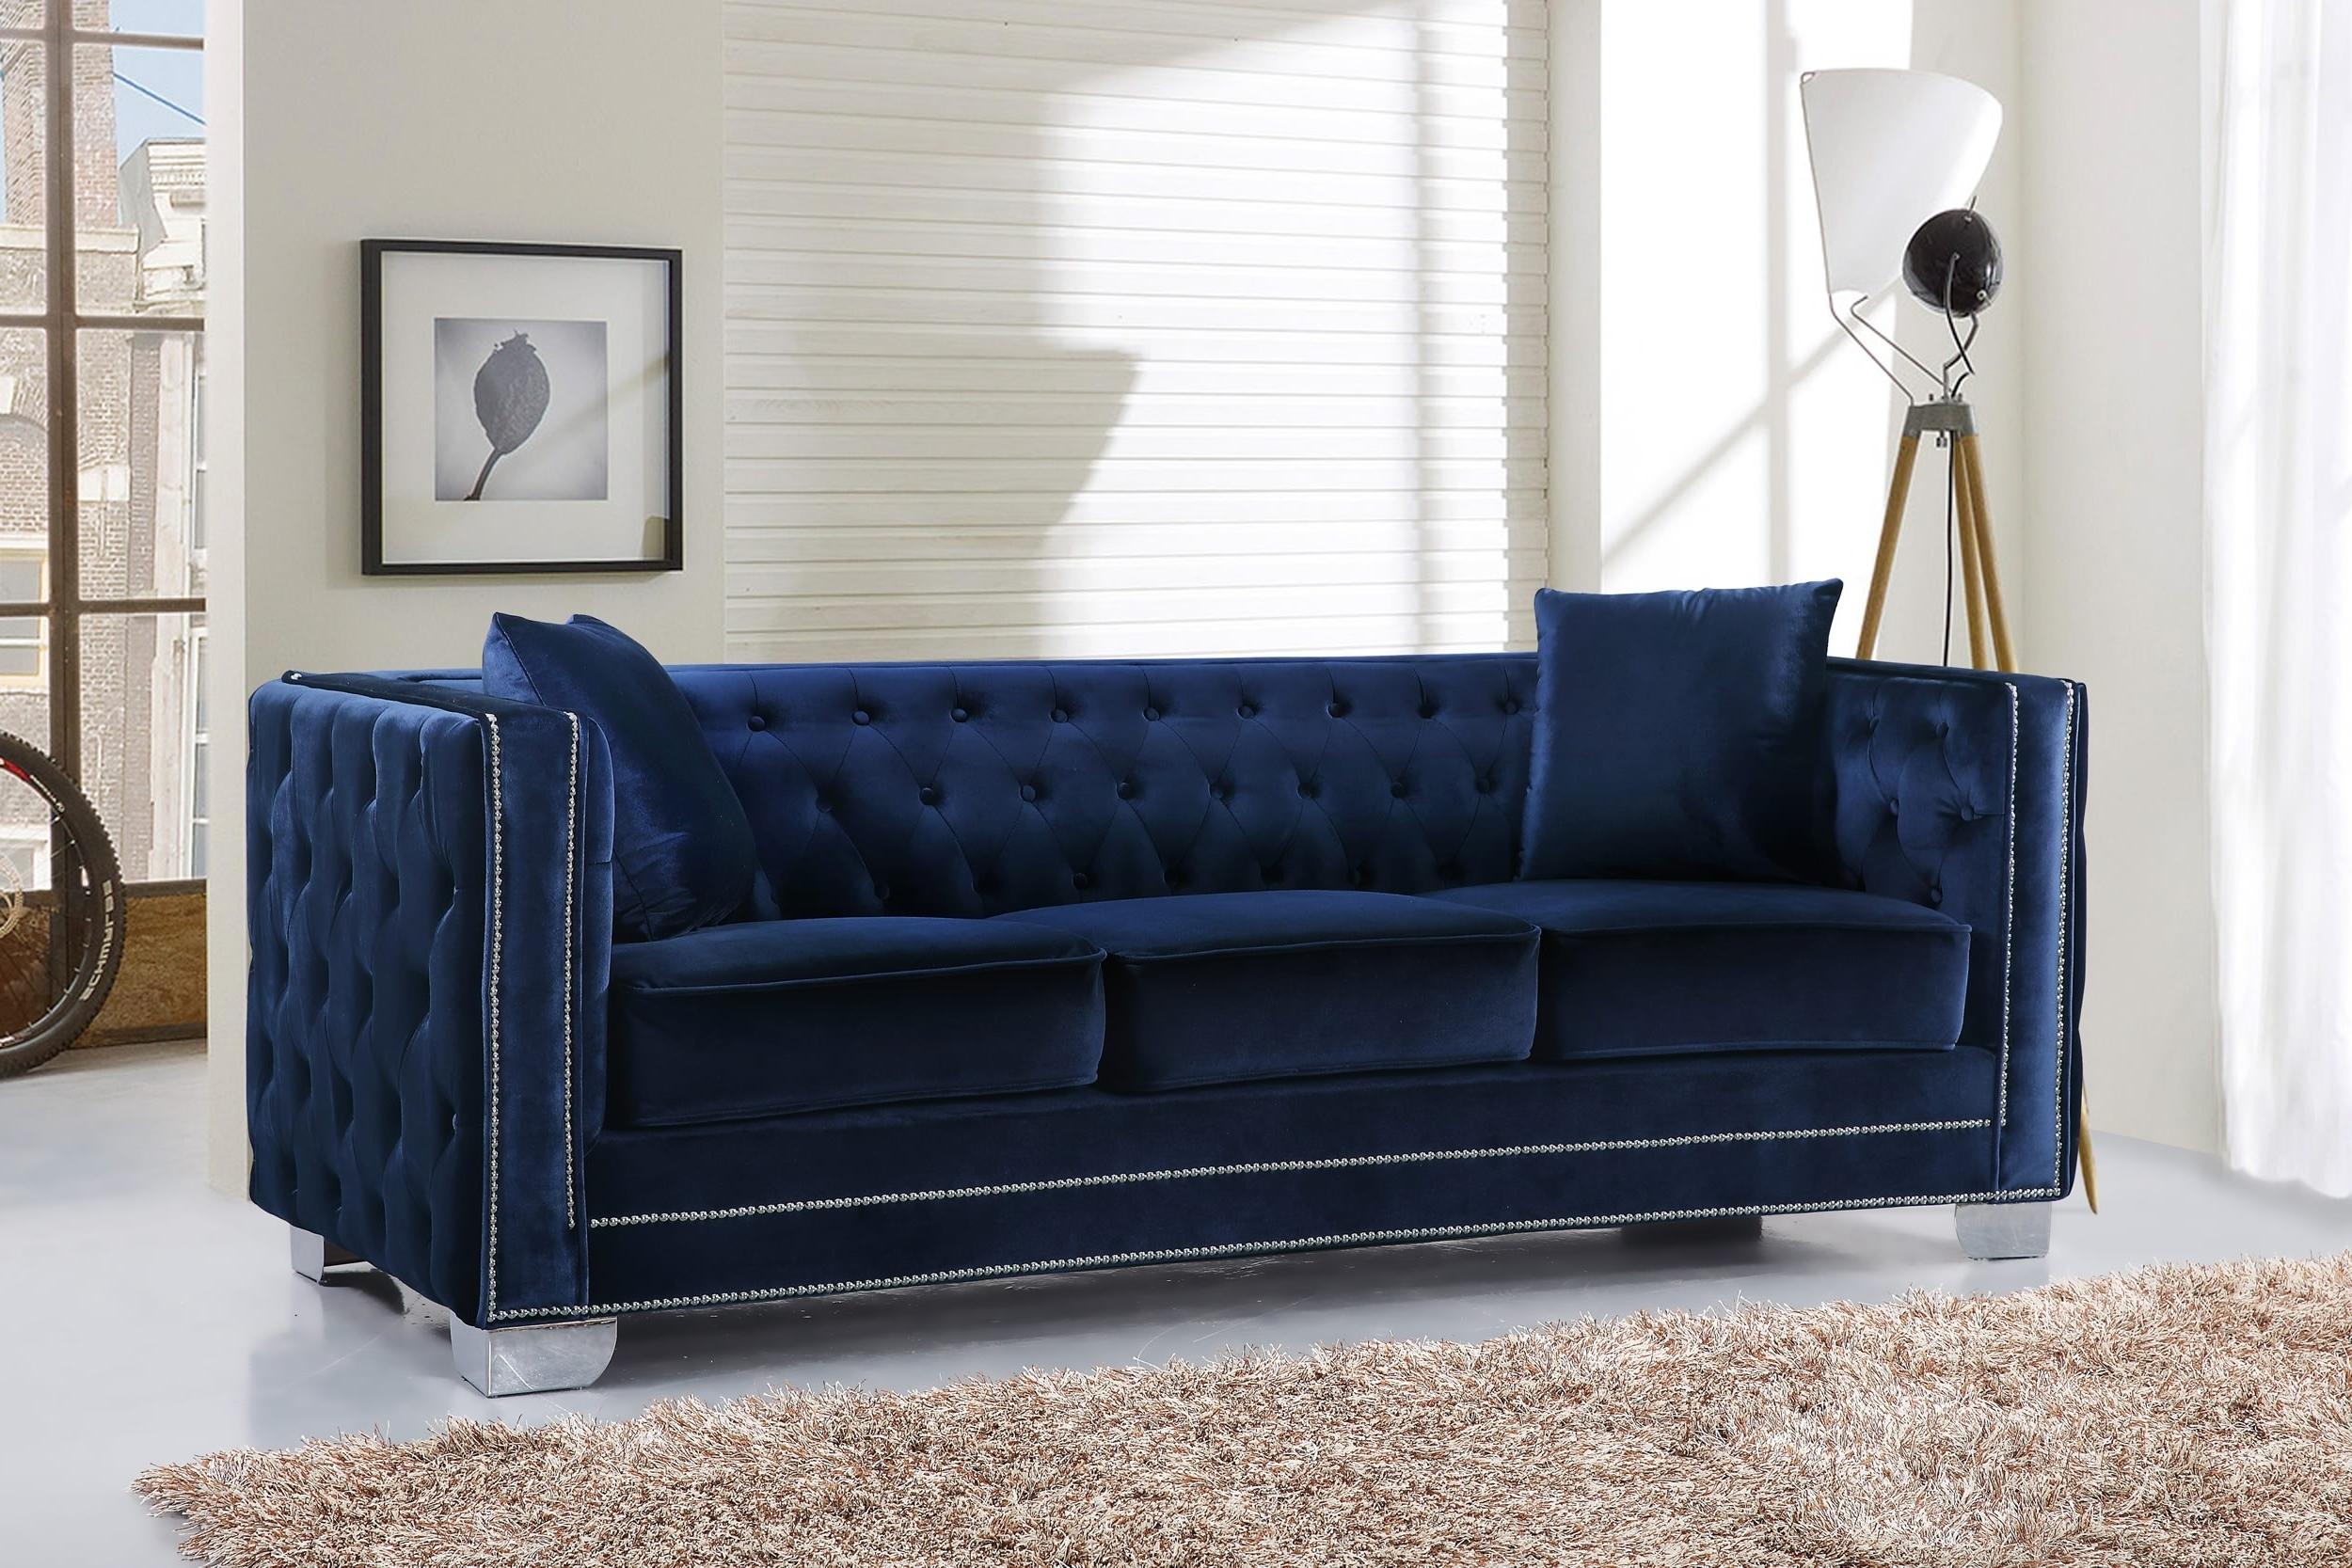 Velvet Sofas For Current Reese Velvet Sofa, Navy Buy Online At Best Price – Sohomod (View 12 of 20)